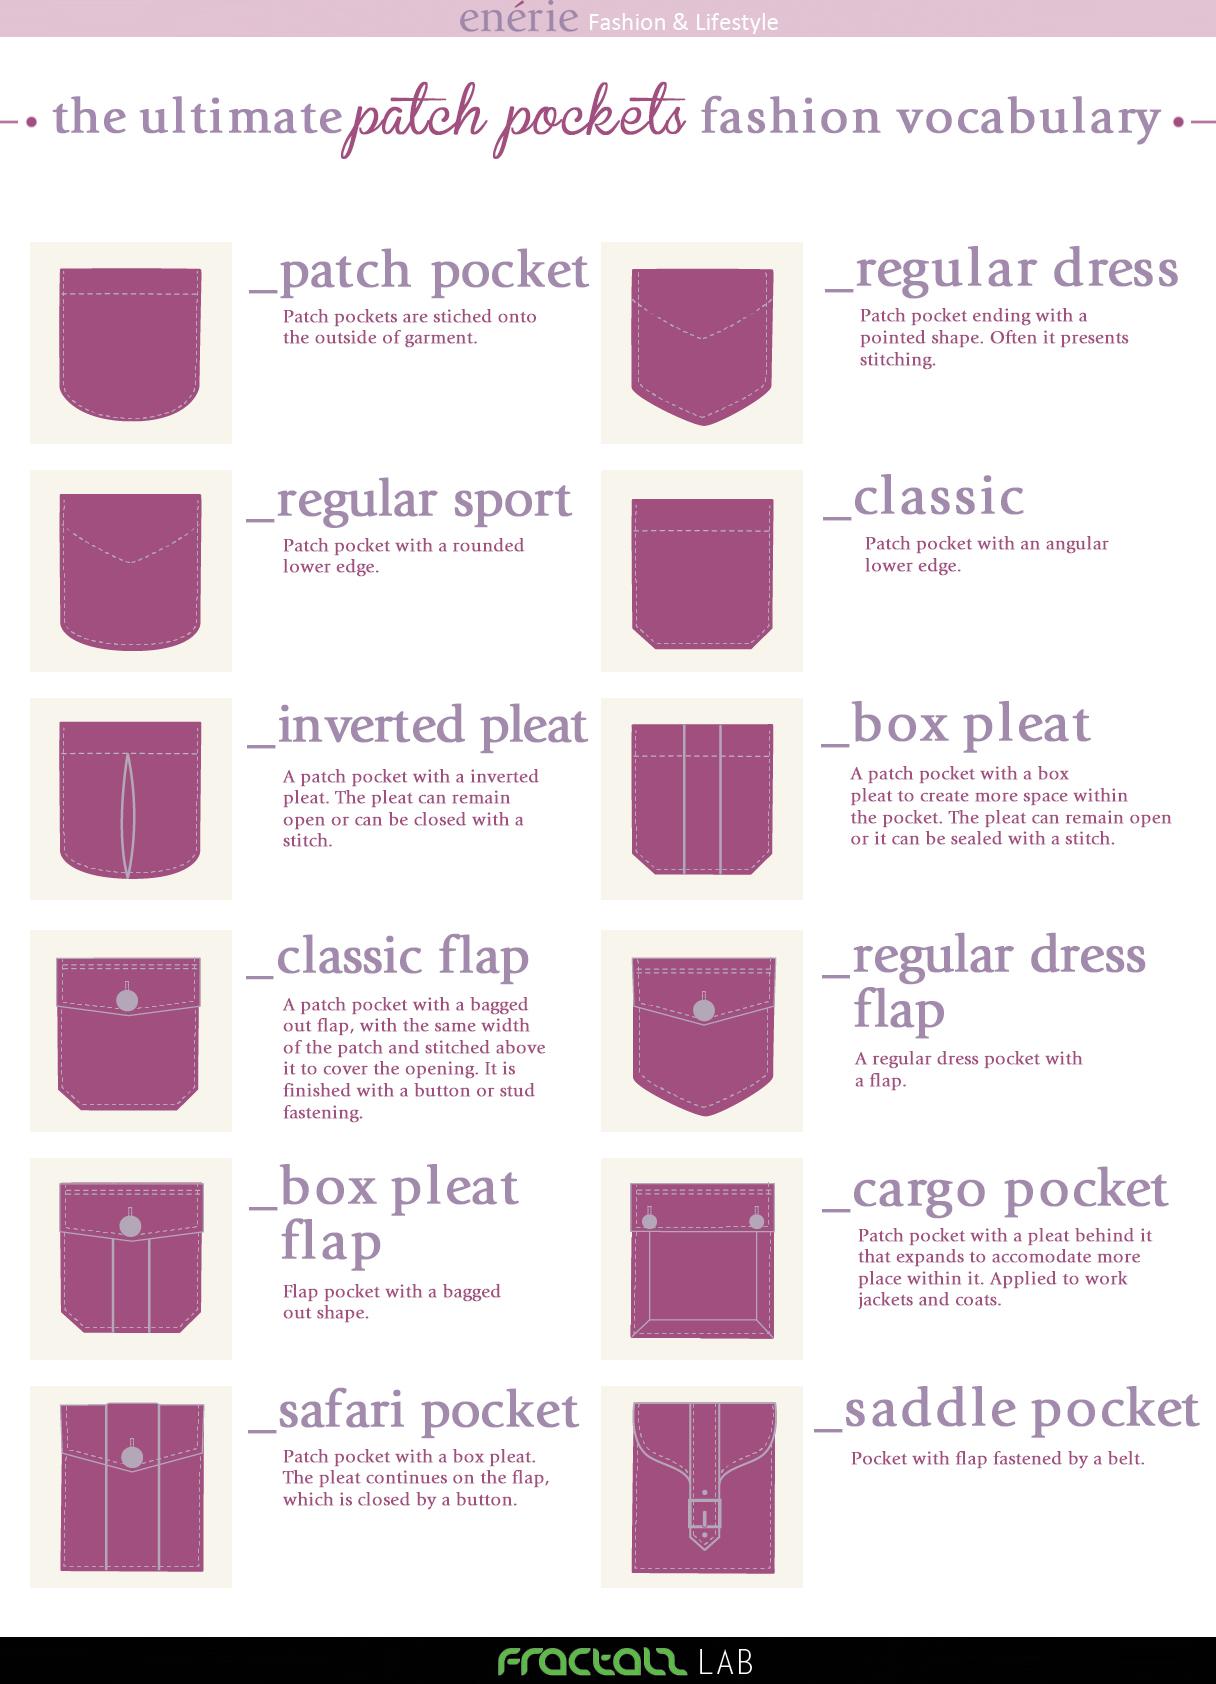 Patch pockets